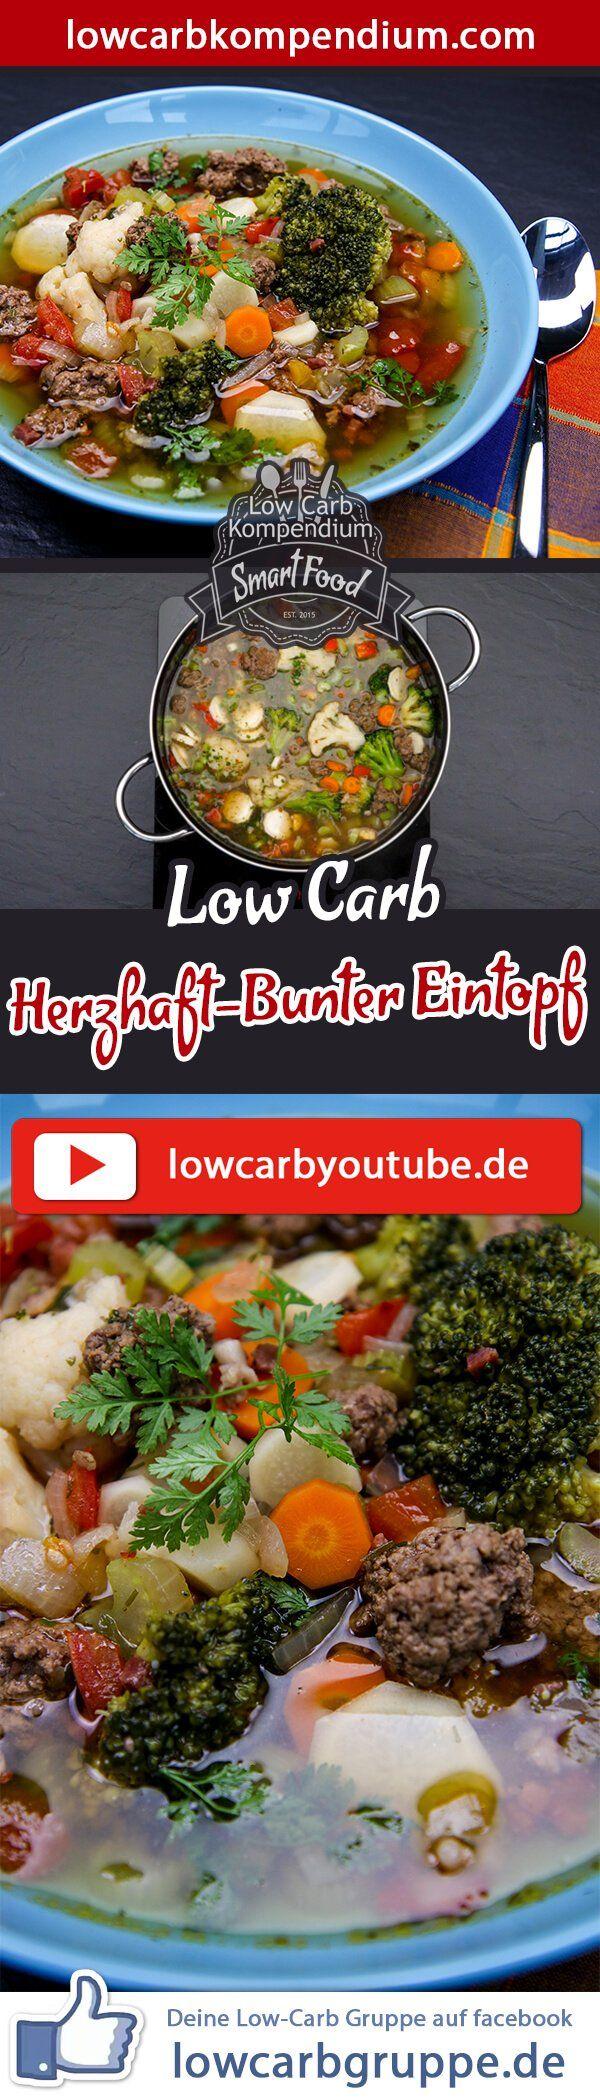 (Low Carb Kompendium) – Eintöpfe sind eine praktische Sache. Man kann große Mengen zubereiten und diese gleich über mehrere Tage genießen. Dieses Rezept zeigt dir wie du einen Herzhaft-Bunten Eintopf in nur kurzer Zeit zubereiten kannst :) Und nun wünschen wir dir viel Spaß beim Nachkochen, LG Andy & Diana.